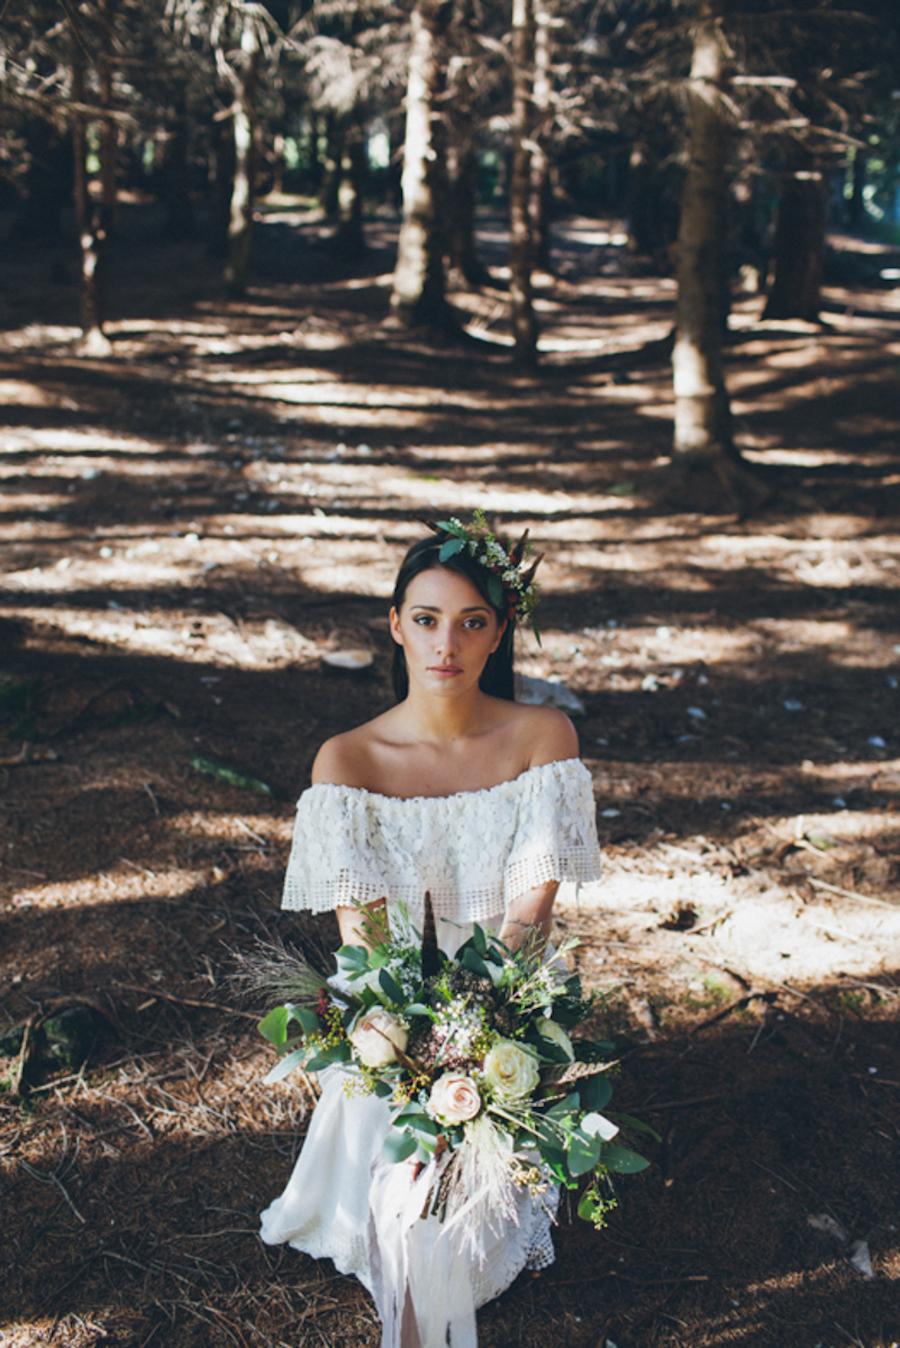 matrimonio-boho-chic-e-naturale-sweetphotofactory-wedding-wonderland-14